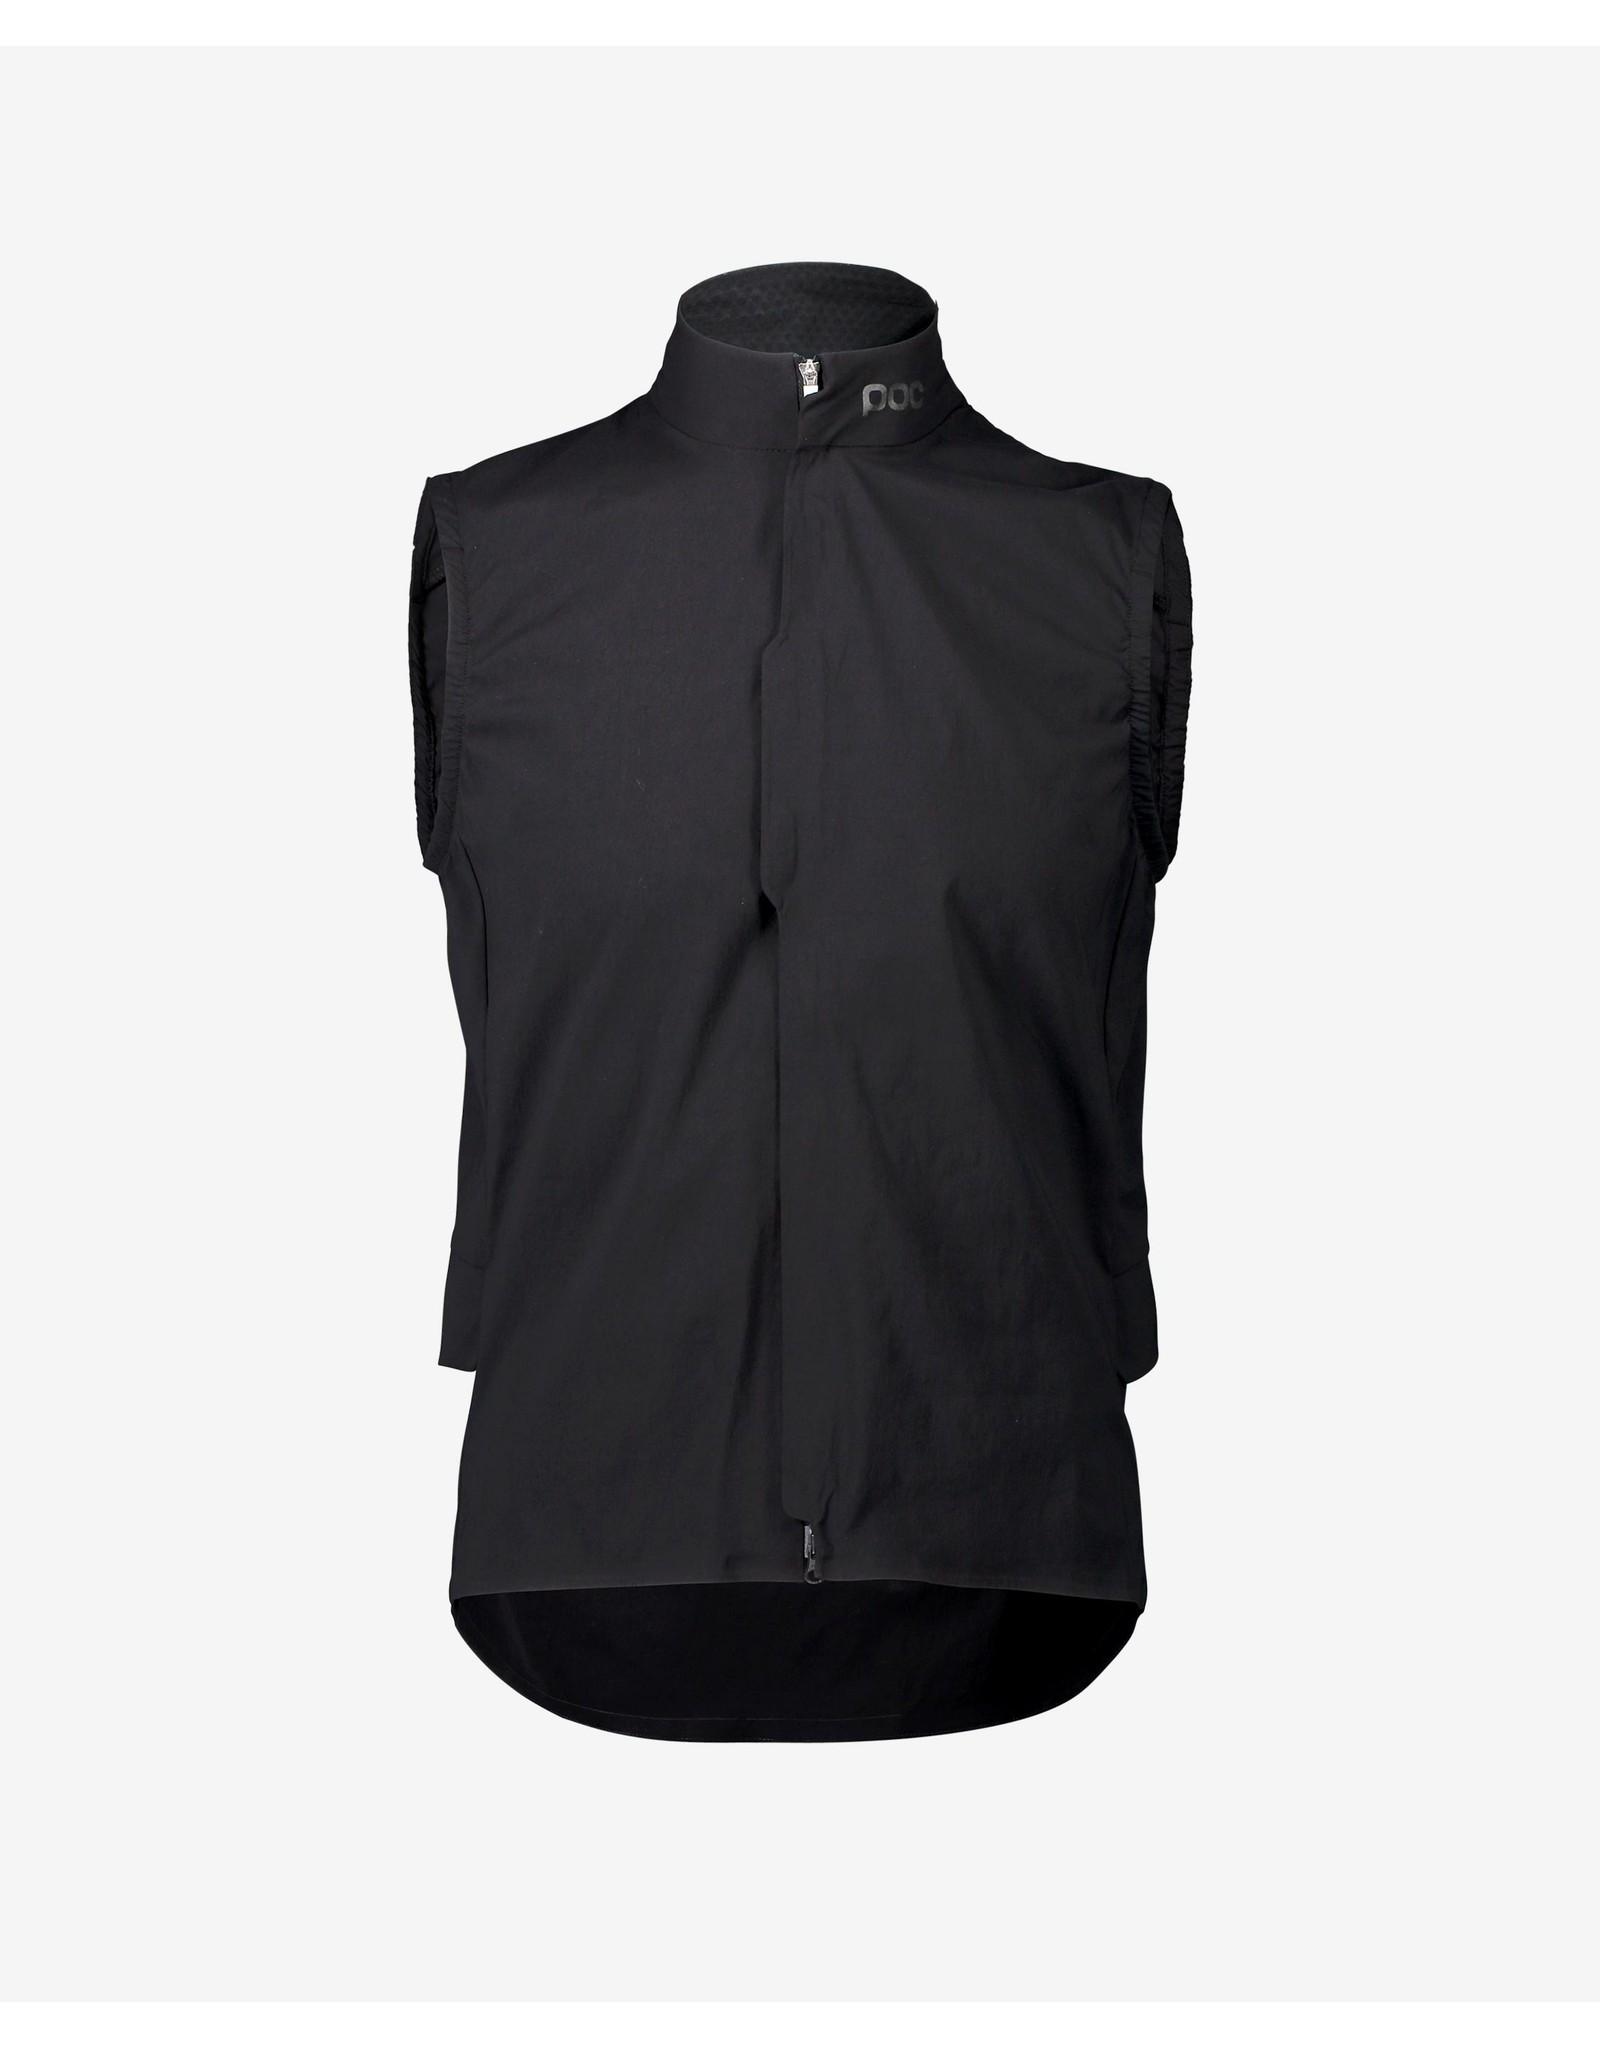 POC POC All- Weather Vest